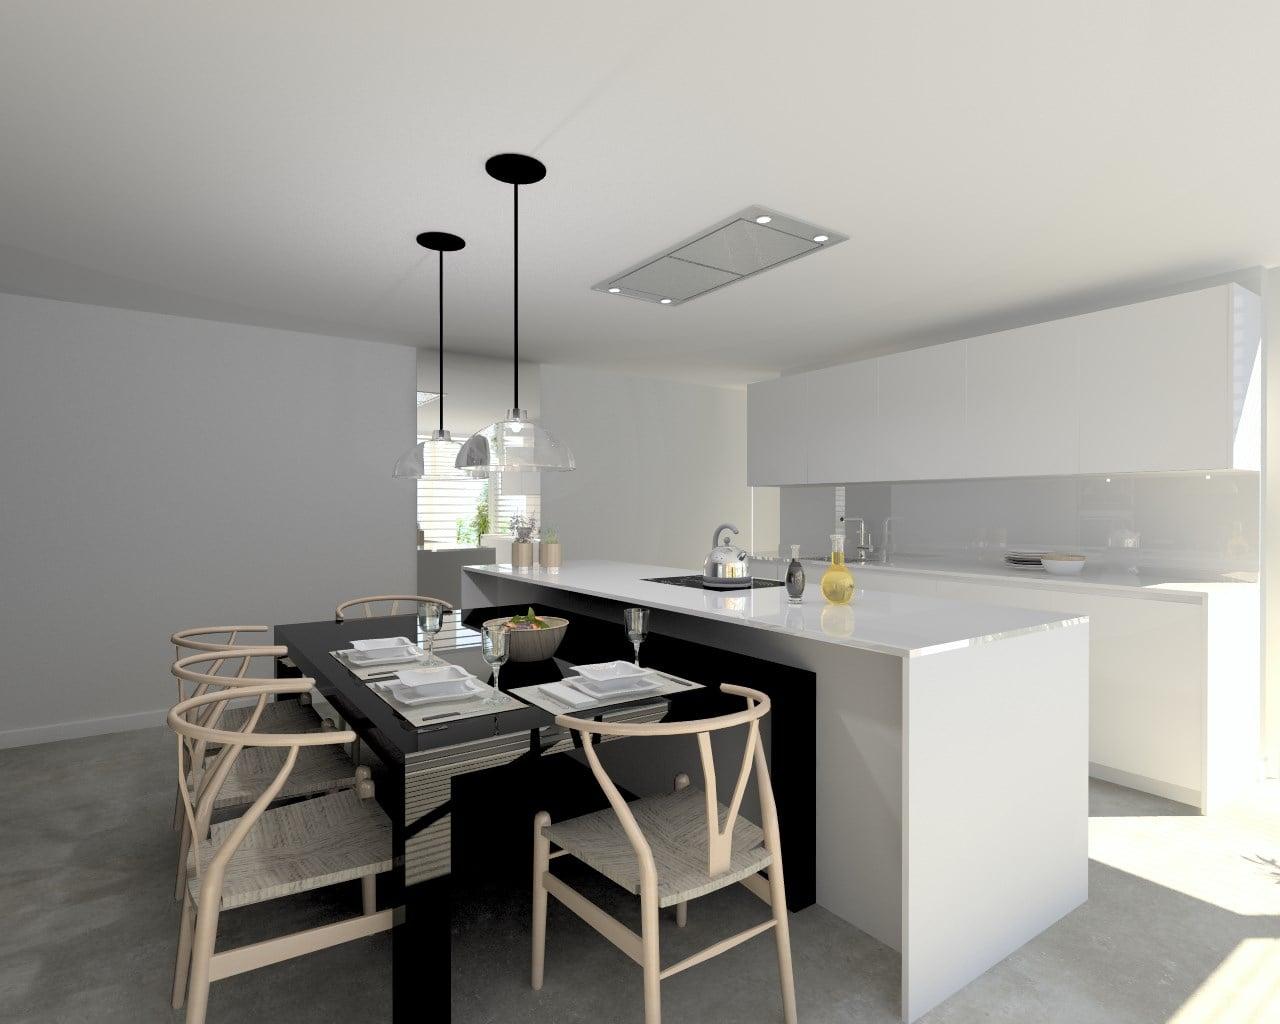 Docrys estudio de cocinas madrid muebles dise o y - Granito colores encimera ...